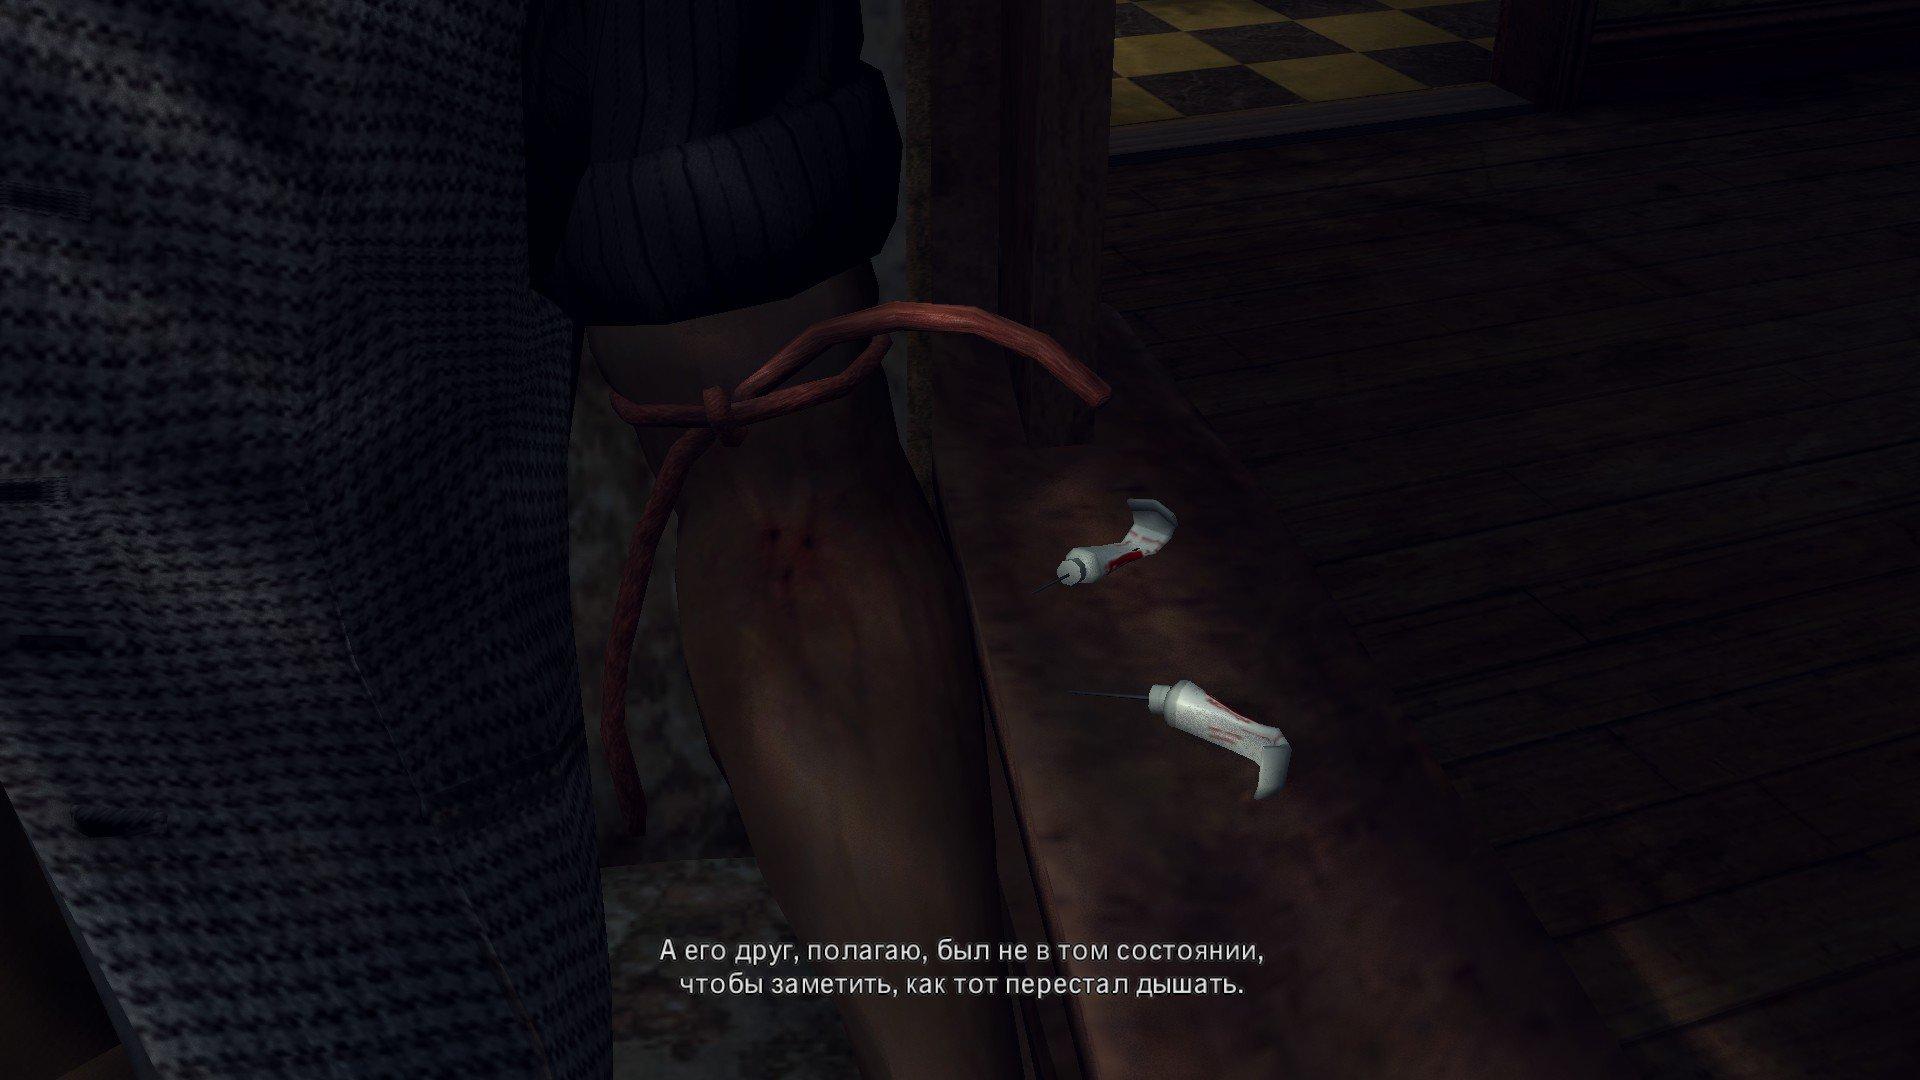 Пост-прохождение L.A. Noire Часть 14 - Изображение 15